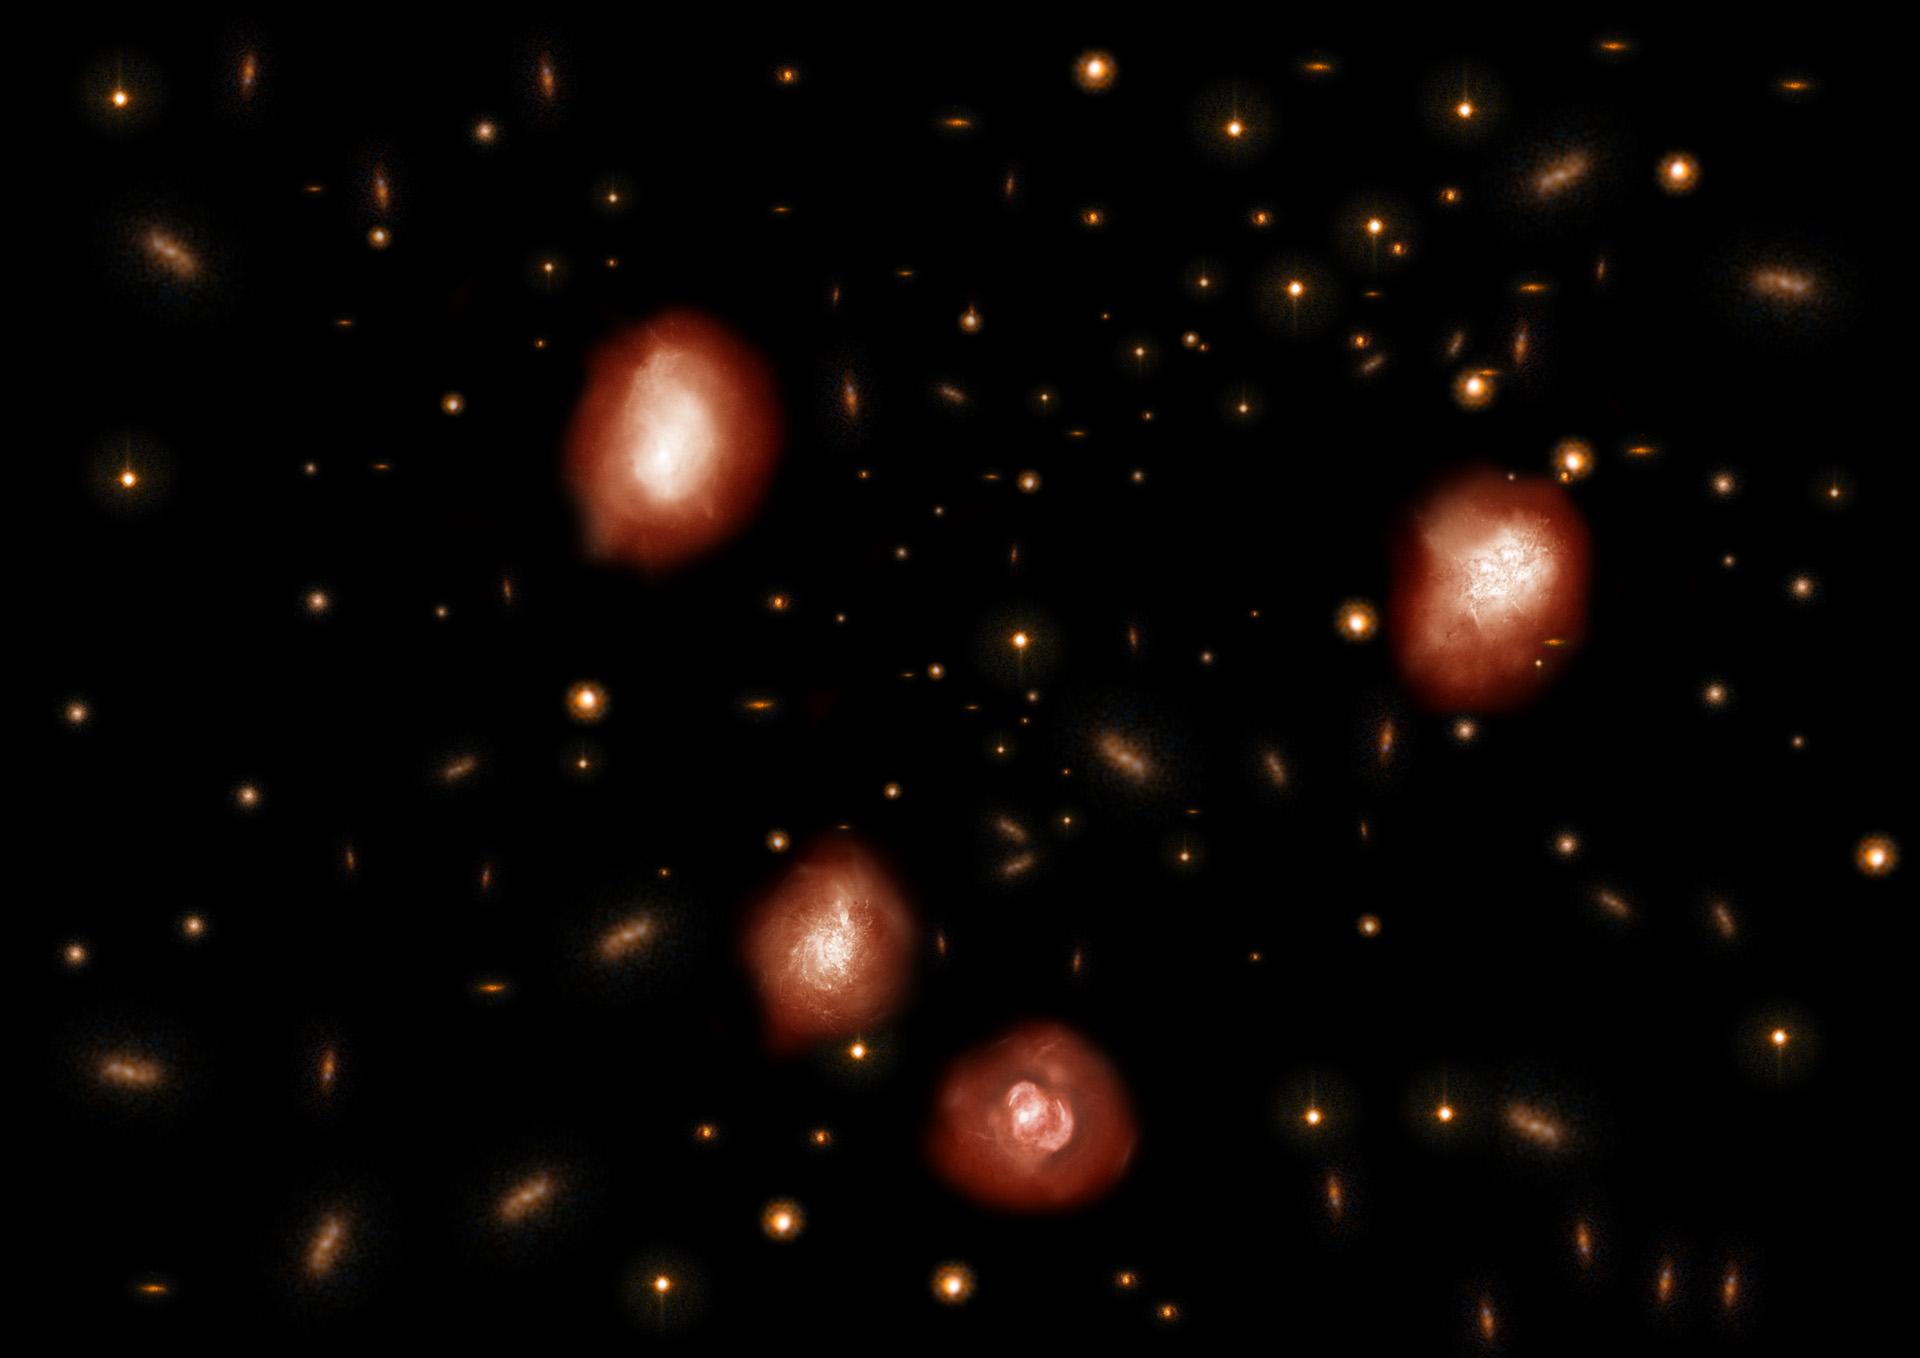 Художественное представление далеких чрезвычайно красных и массивных галактик обнаруженных ALMA. Credit NAOJ